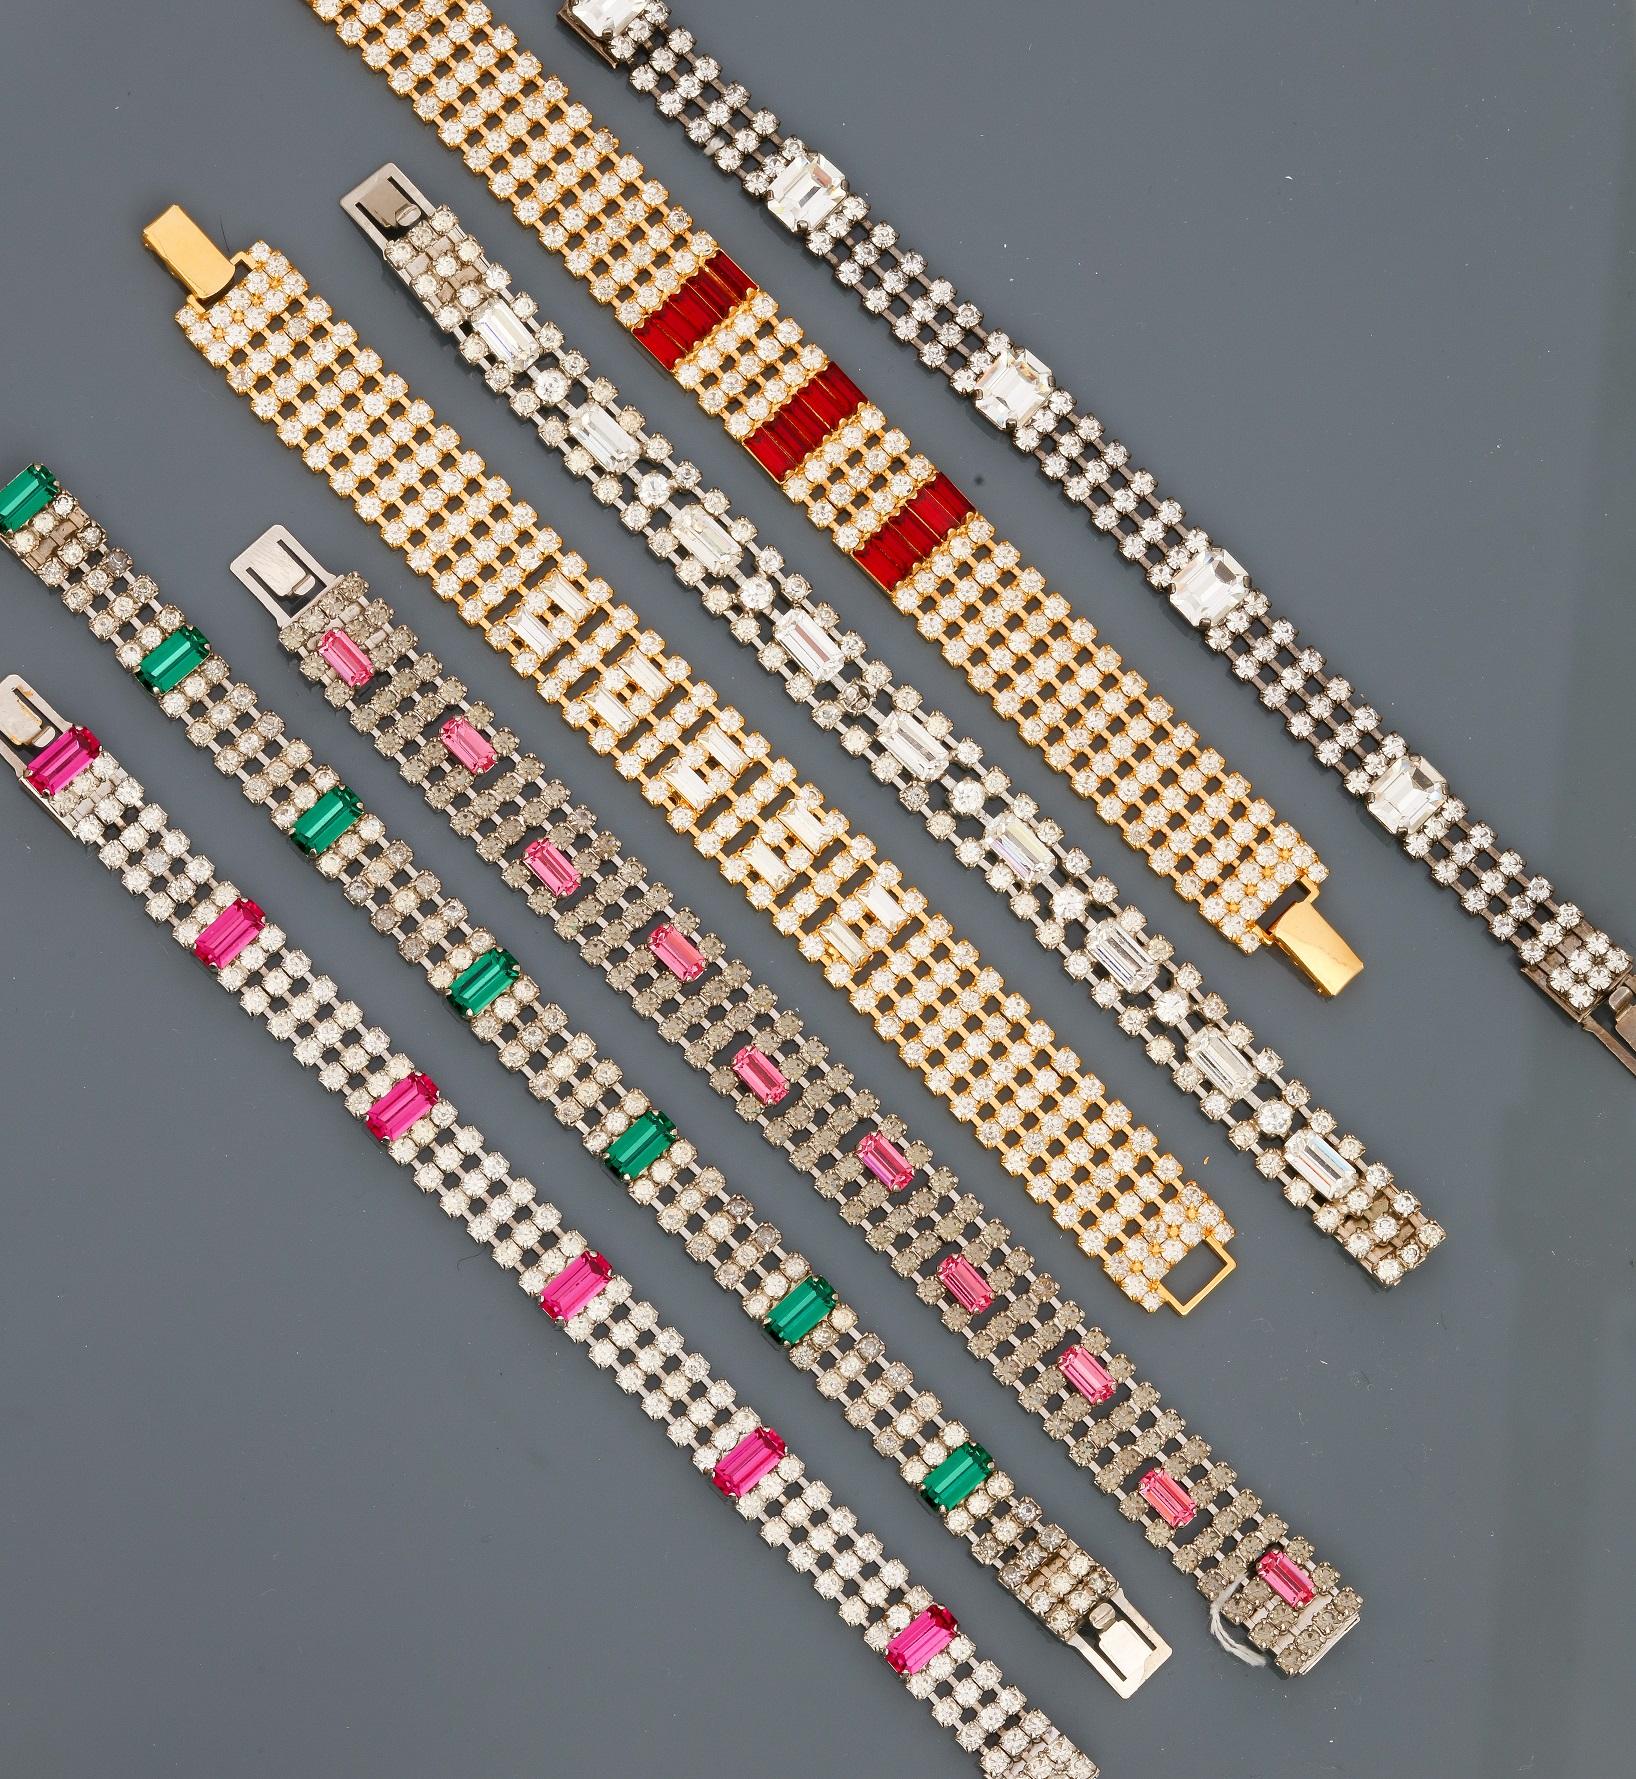 Lot 0M - Lot : Sept bracelets plats en métal doré et argenté rhodié, recouverts de strass [...]